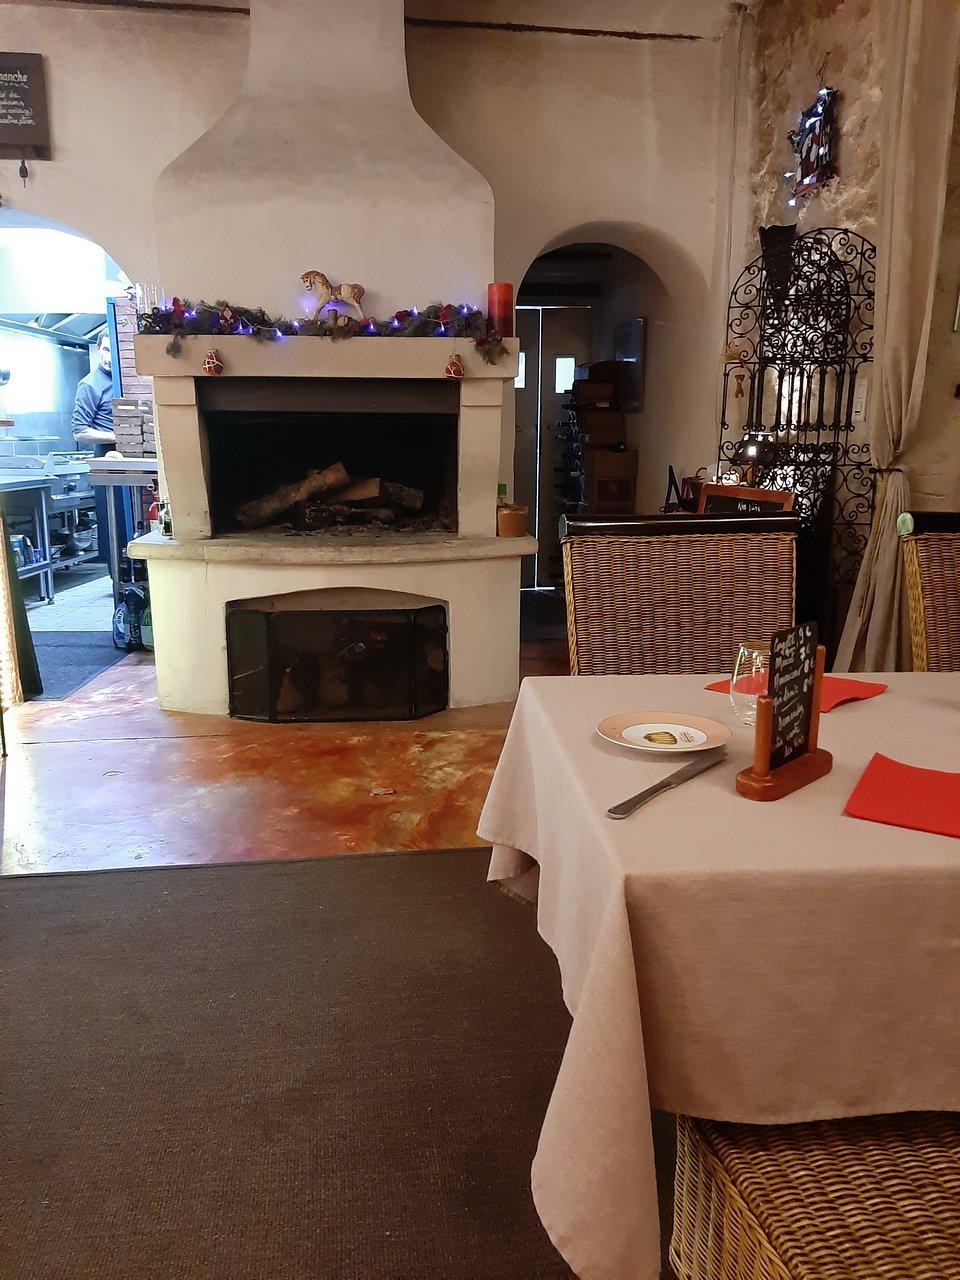 La Table De Chez Nous Lambesc the 5 best restaurants in la barben - updated january 2020